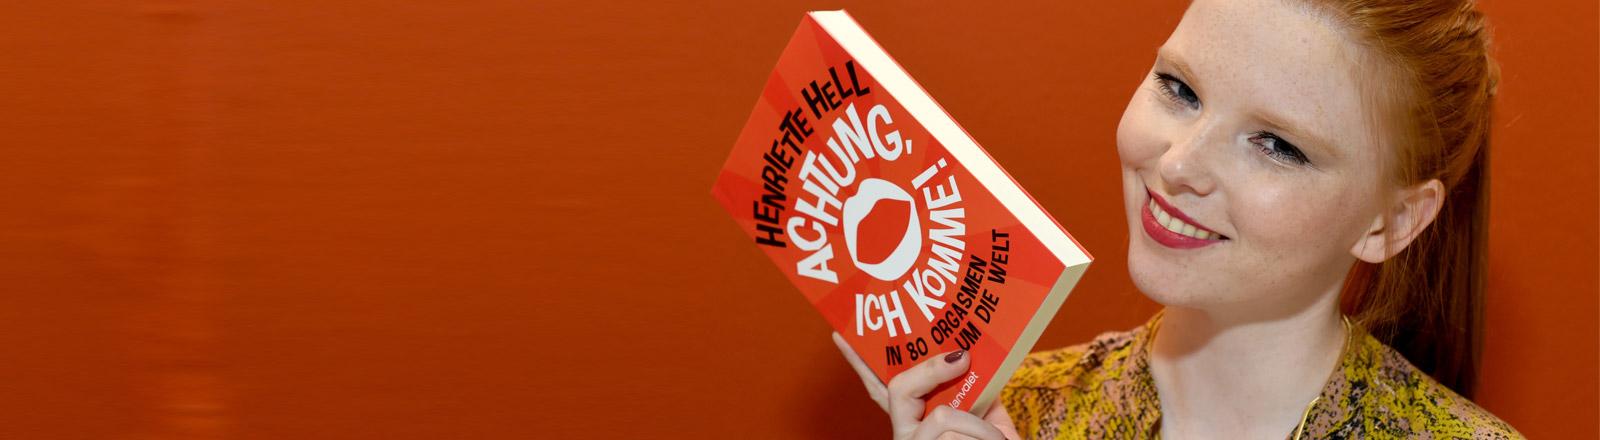 """Henriette Hell präsentiert ihr Buch """"Achtung, ich komme! In 80 Orgasmen um die Welt"""""""